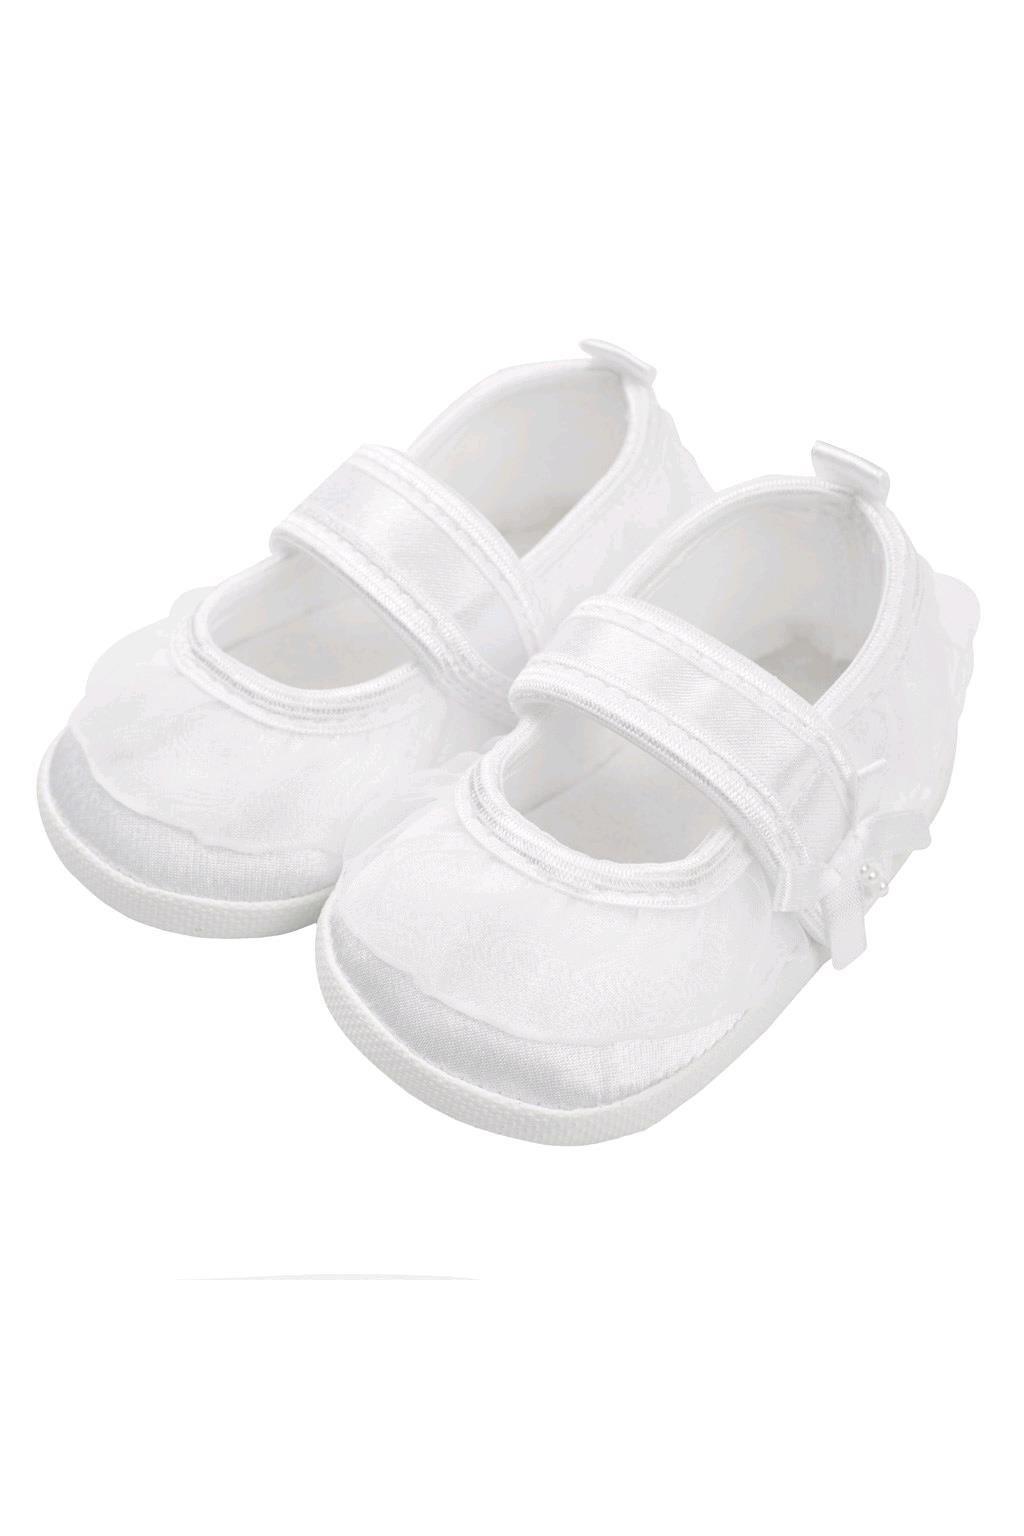 Dojčenské capačky New Baby saténové biele 12-18 m